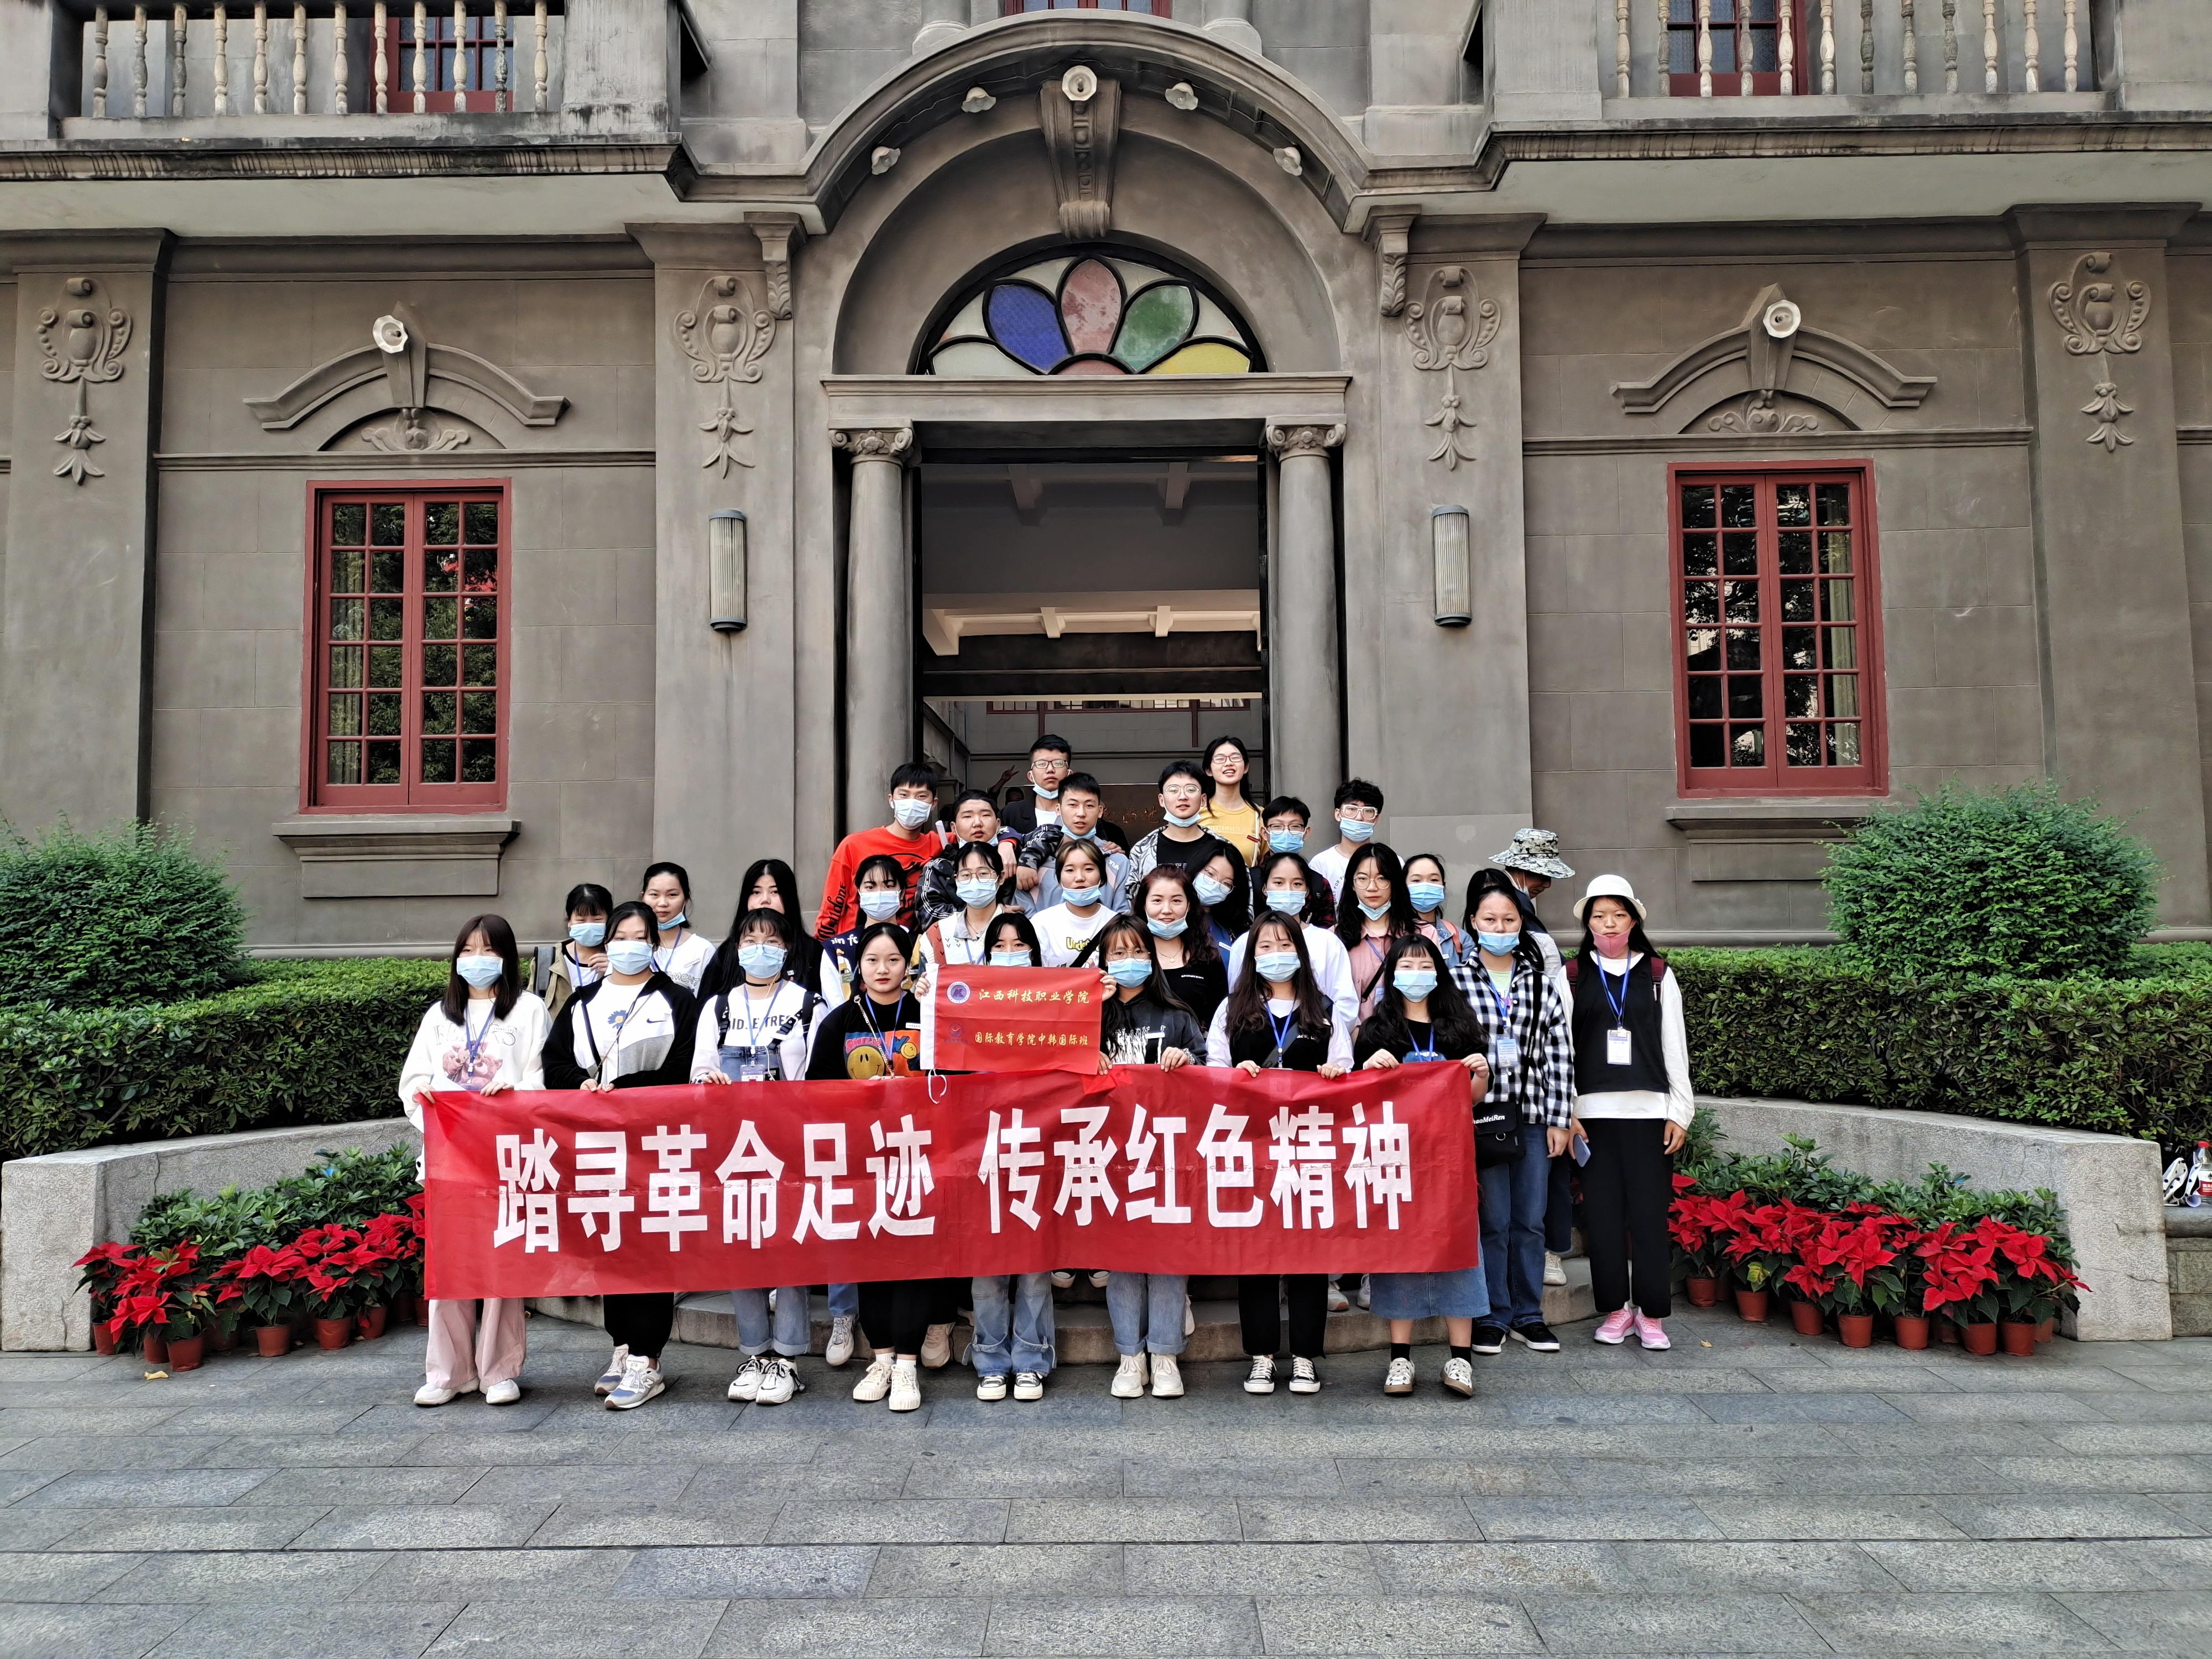 国际教育学院迎新工作顺利圆满